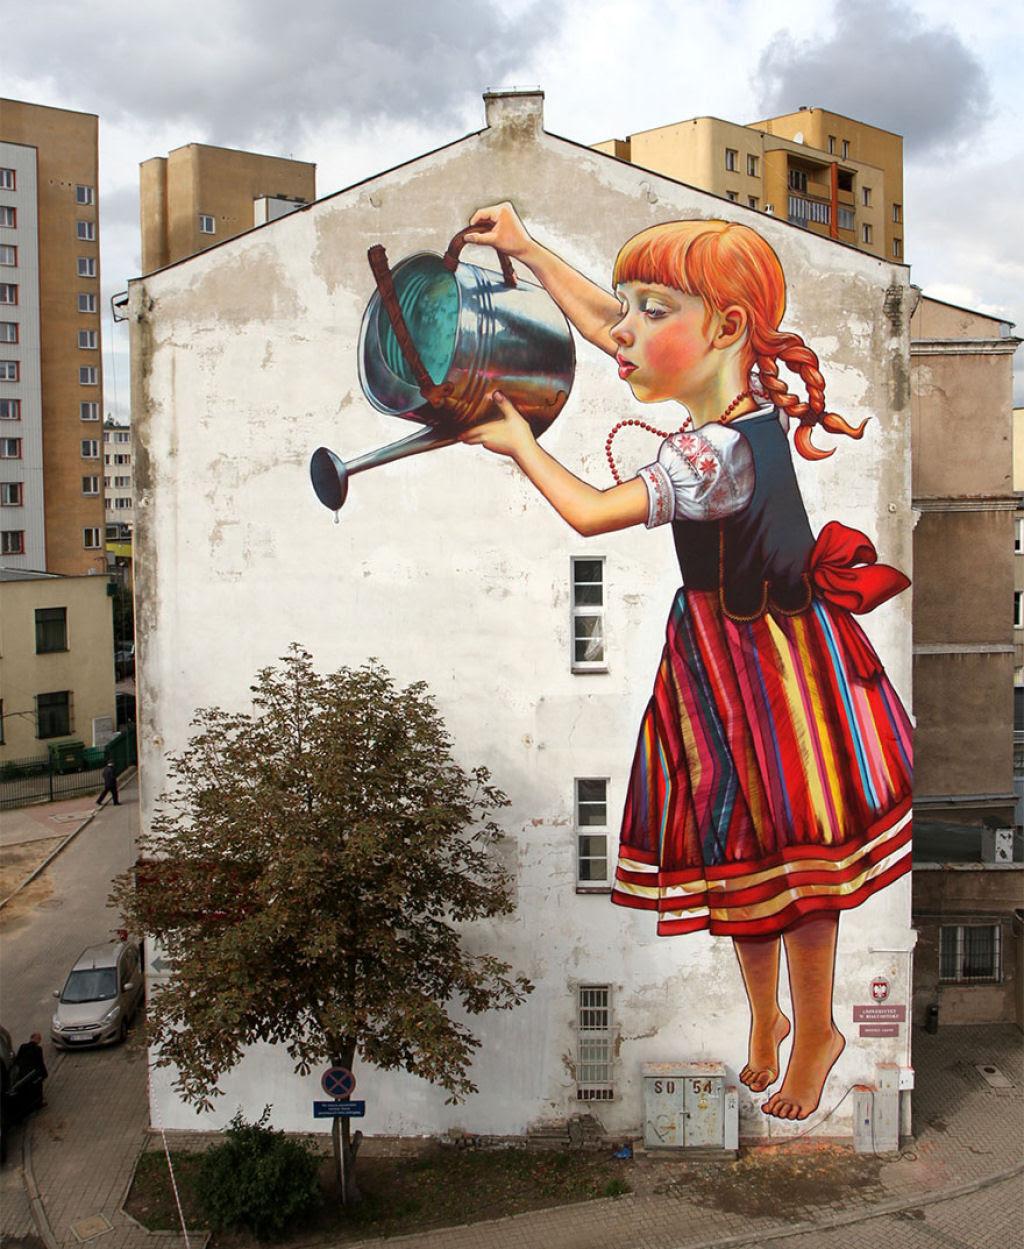 24 eloquentes obras de arte urbana mostrando a desagradável verdade 04